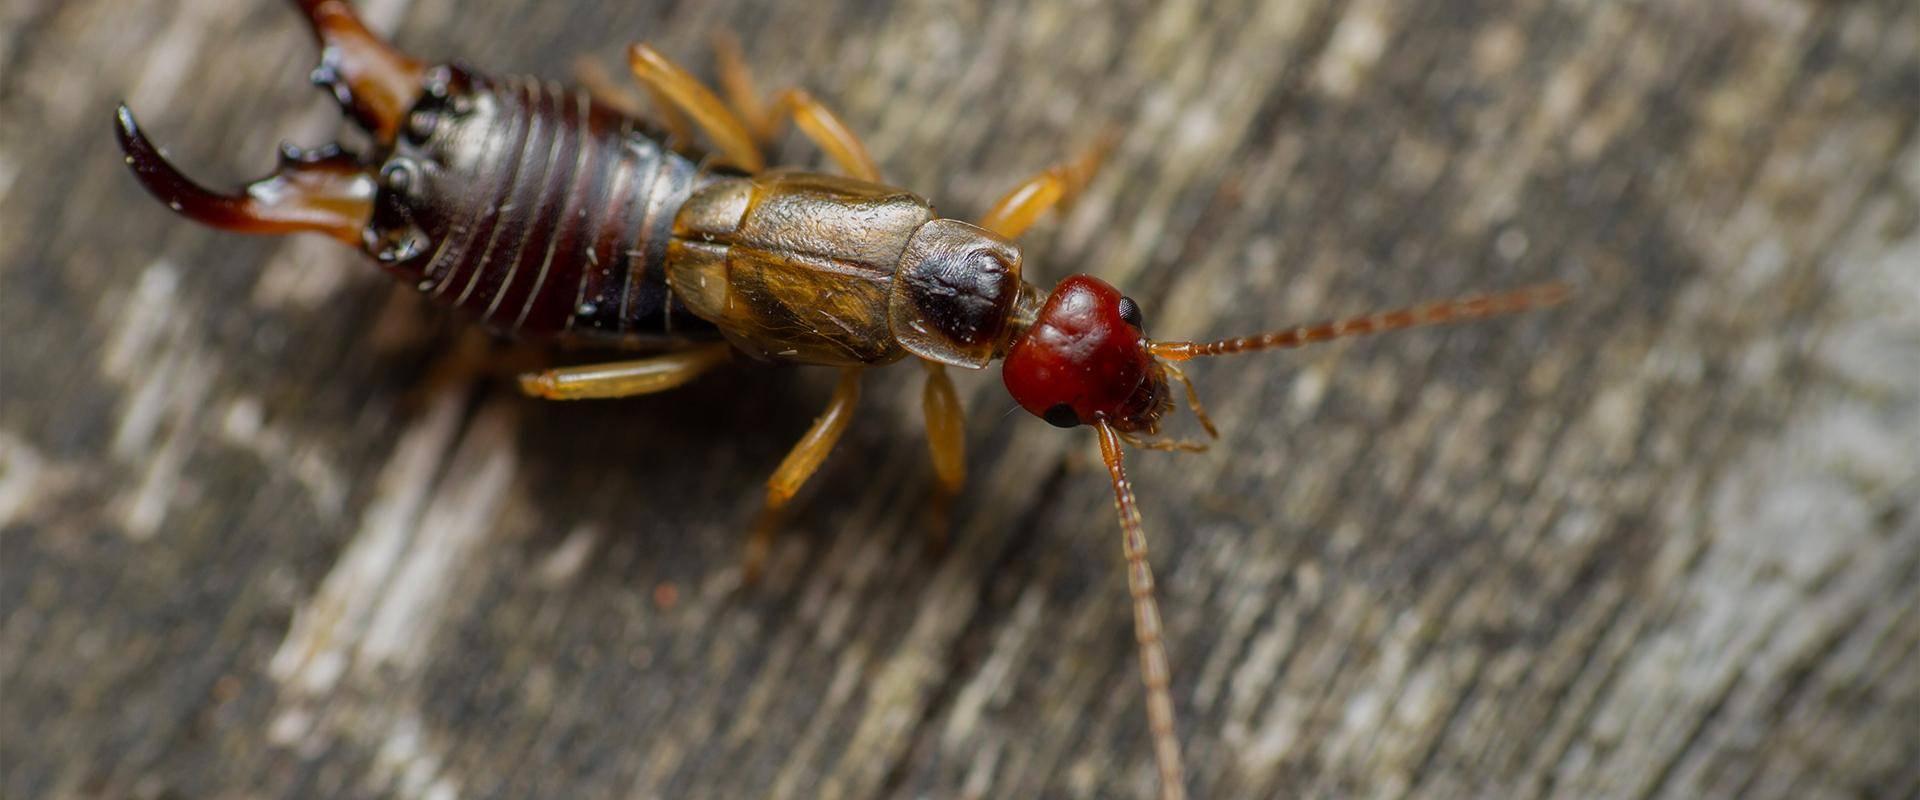 an earwig on wood